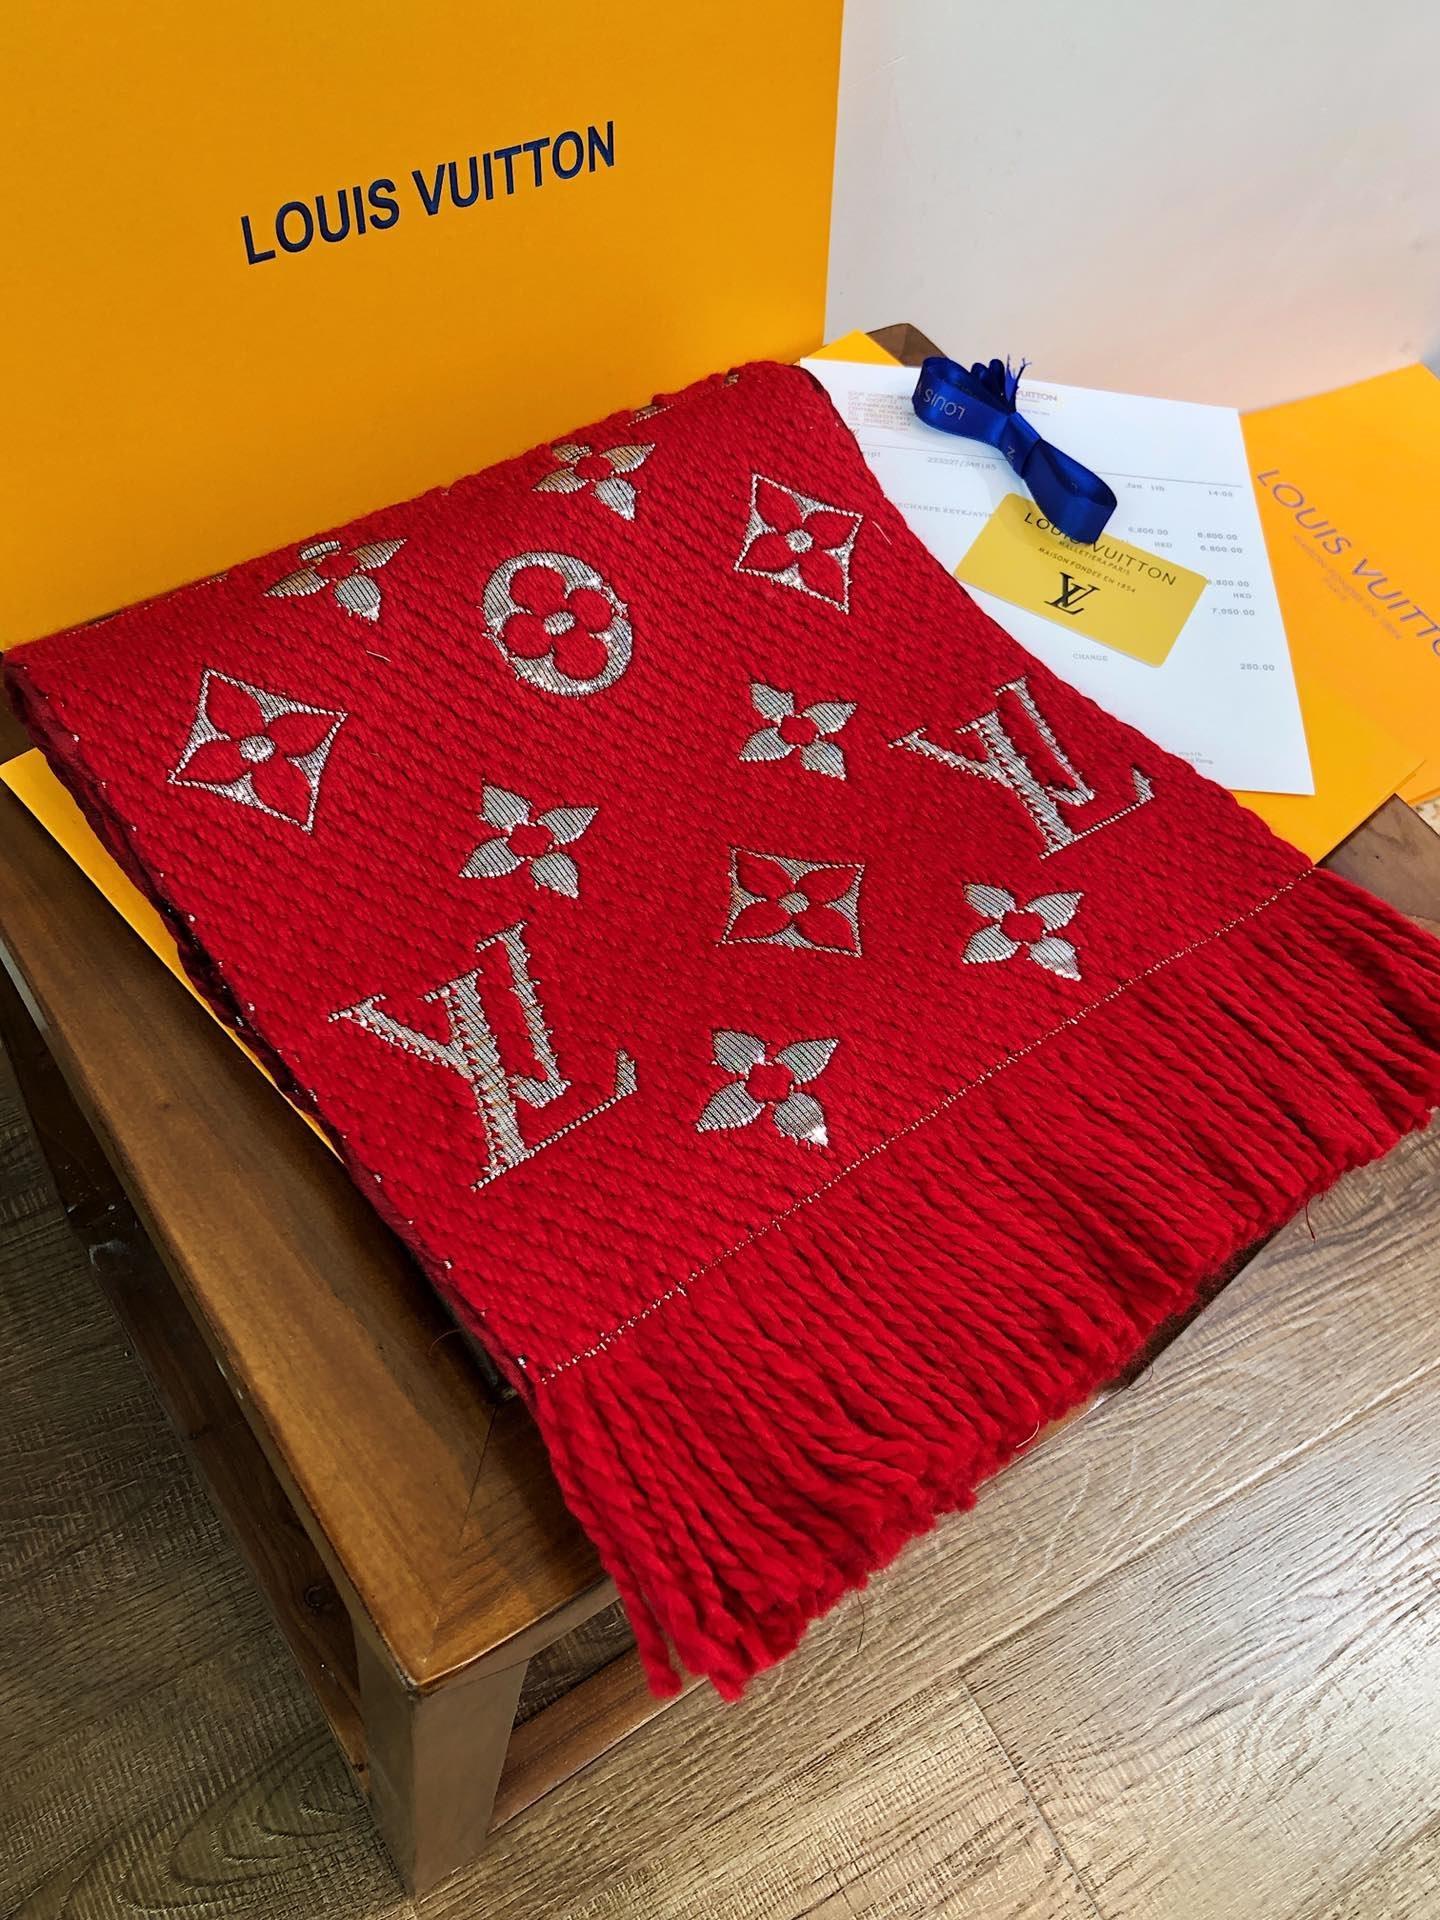 2019 Inverno LOGOMANIA SHINE lusso di marca Sciarpa donne e gli uomini Due laterale Nero seta rossa coperta di lana Sciarpe Fashion Designer Fiore Sciarpe